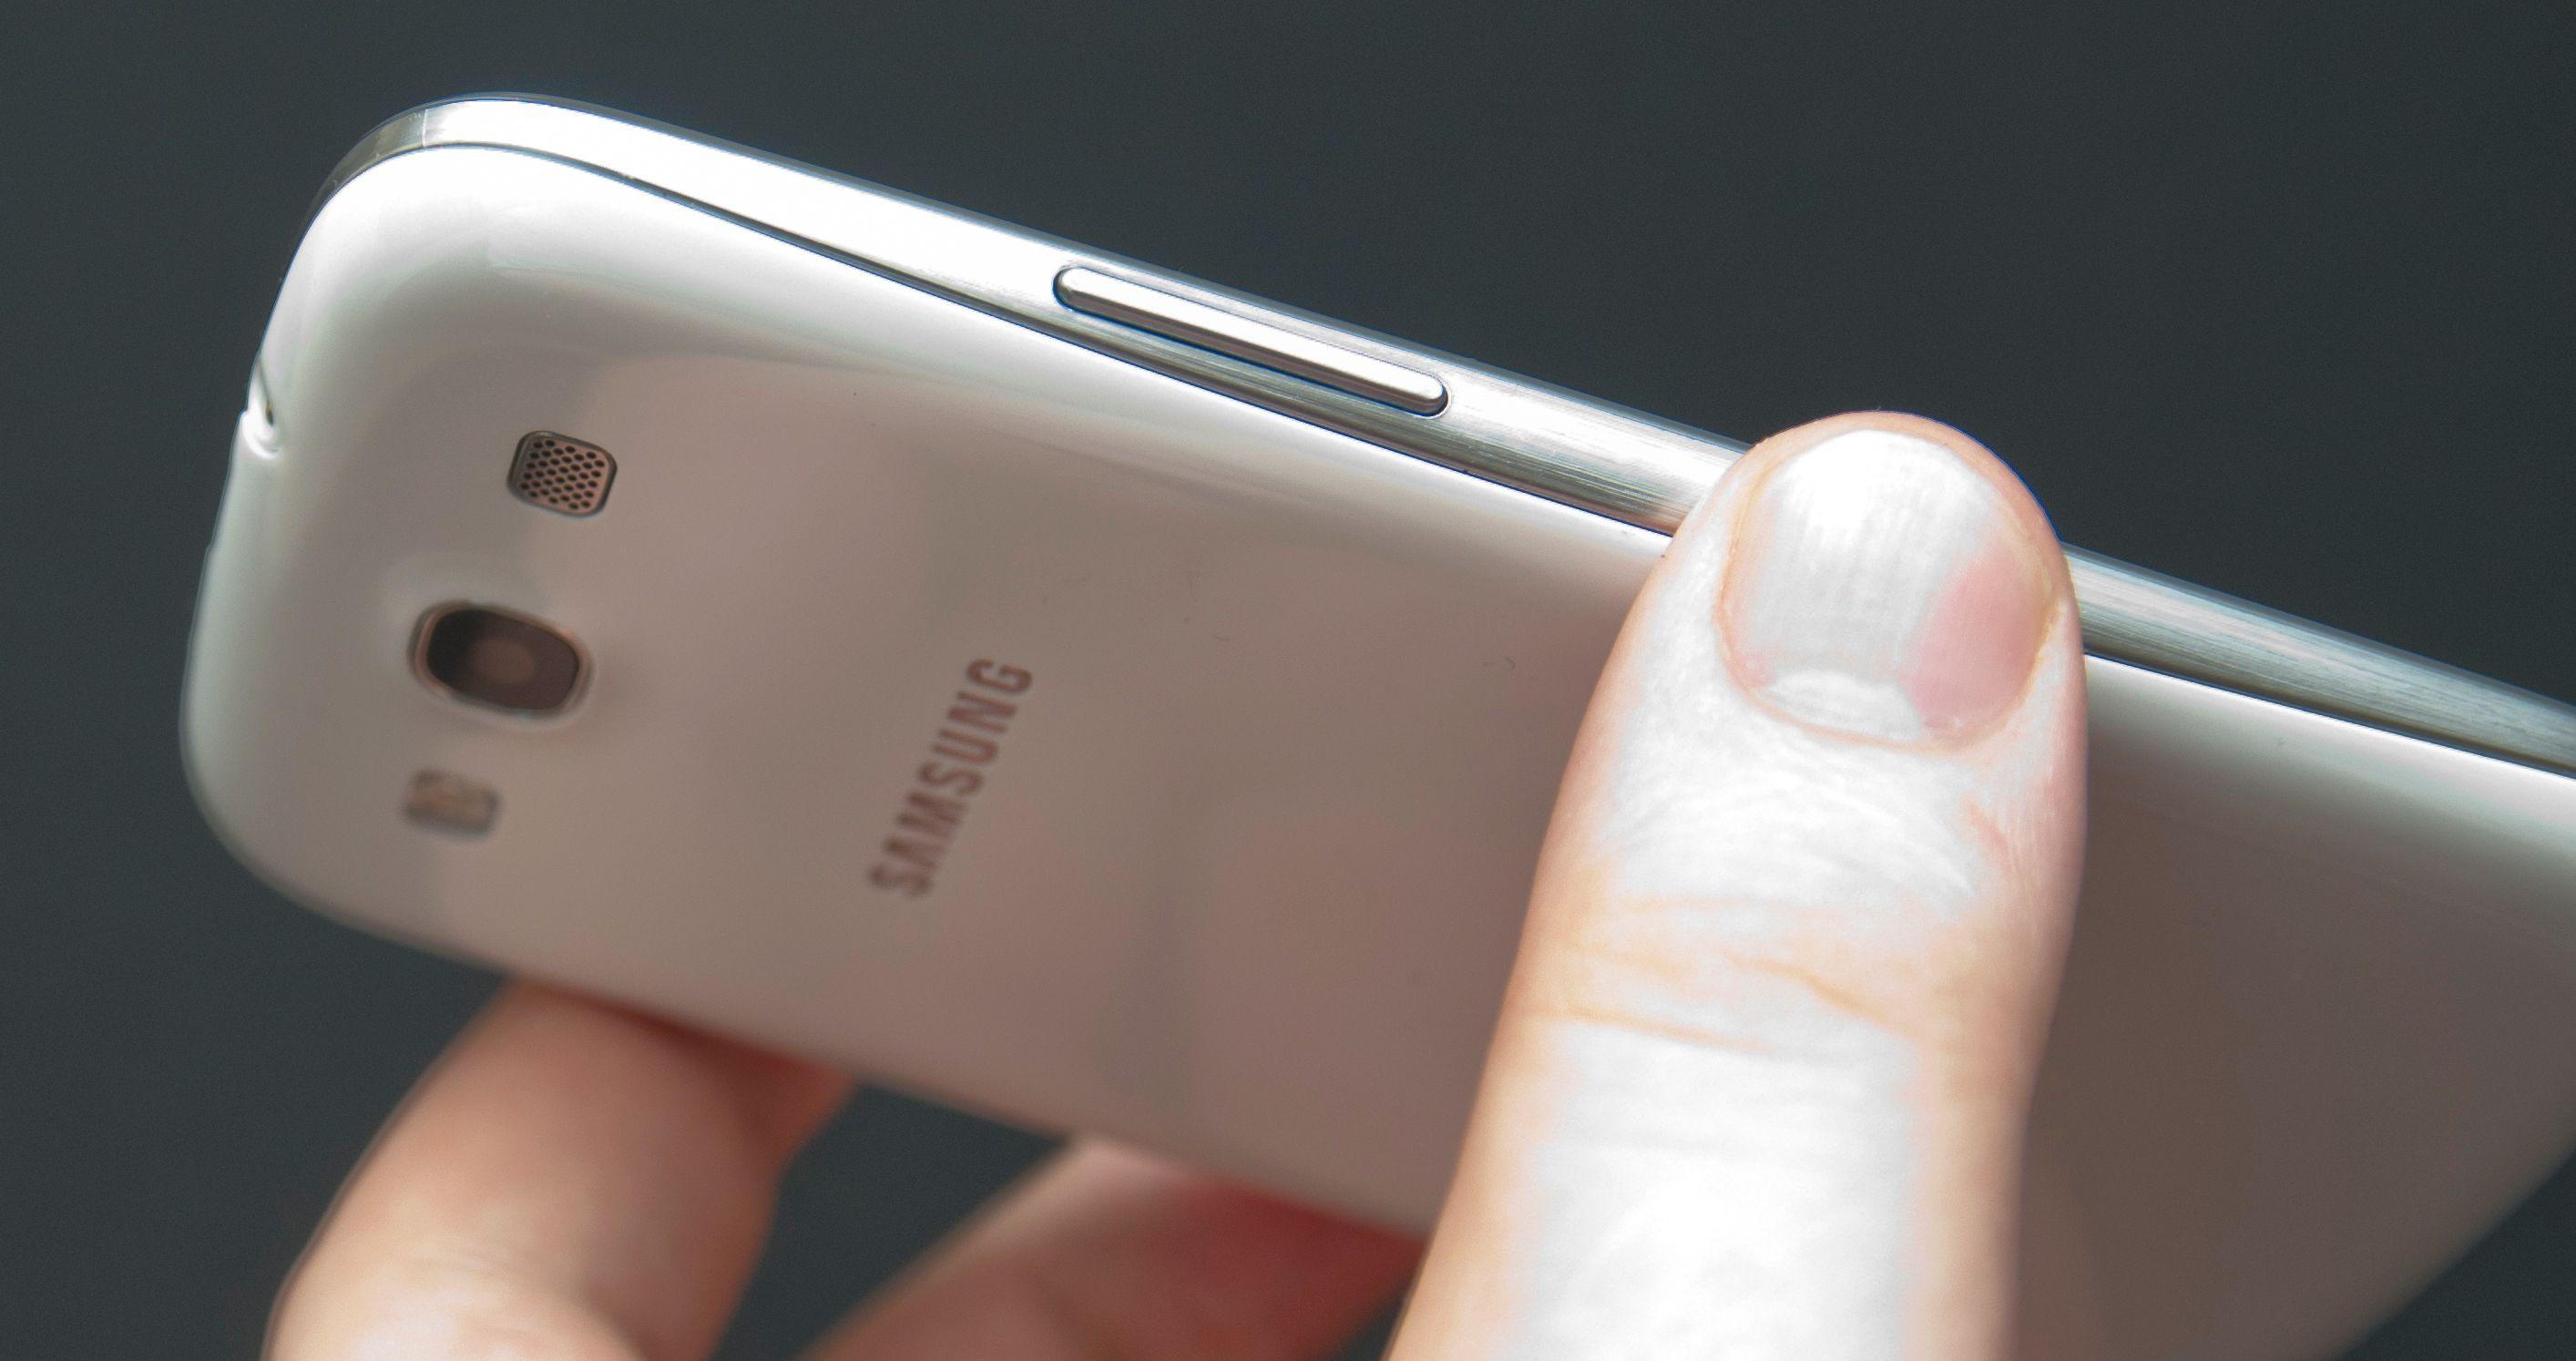 Galaxy S III er en svært tynn telefon med sine 8,6 millimeter tykkelse.